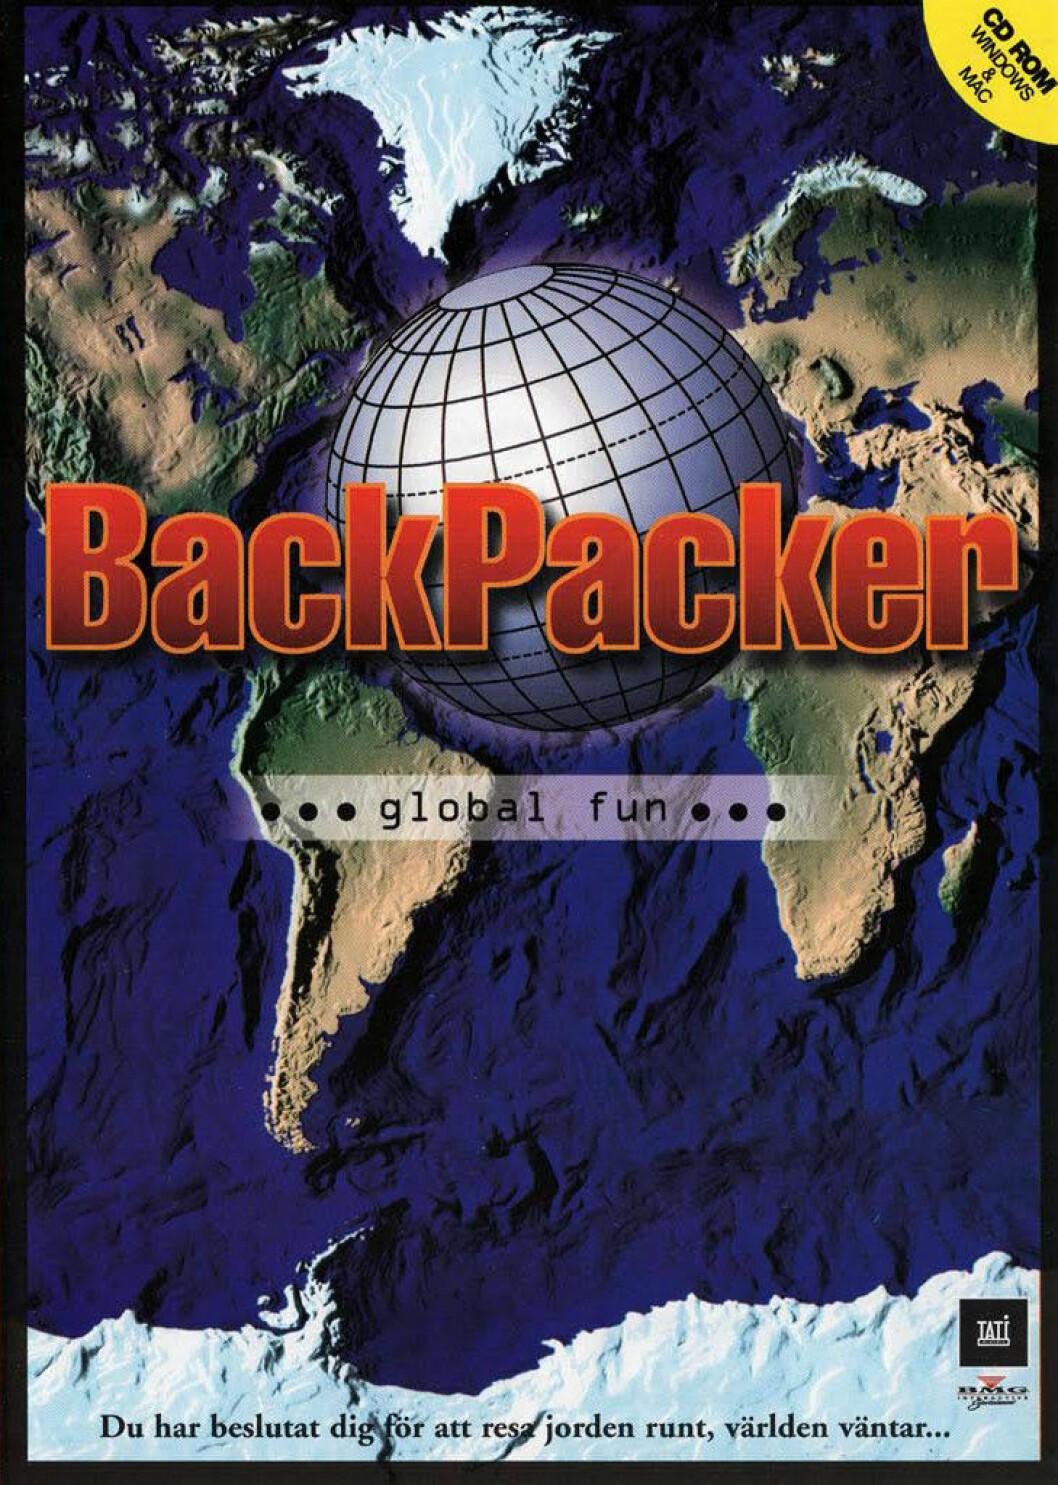 Backpacker.